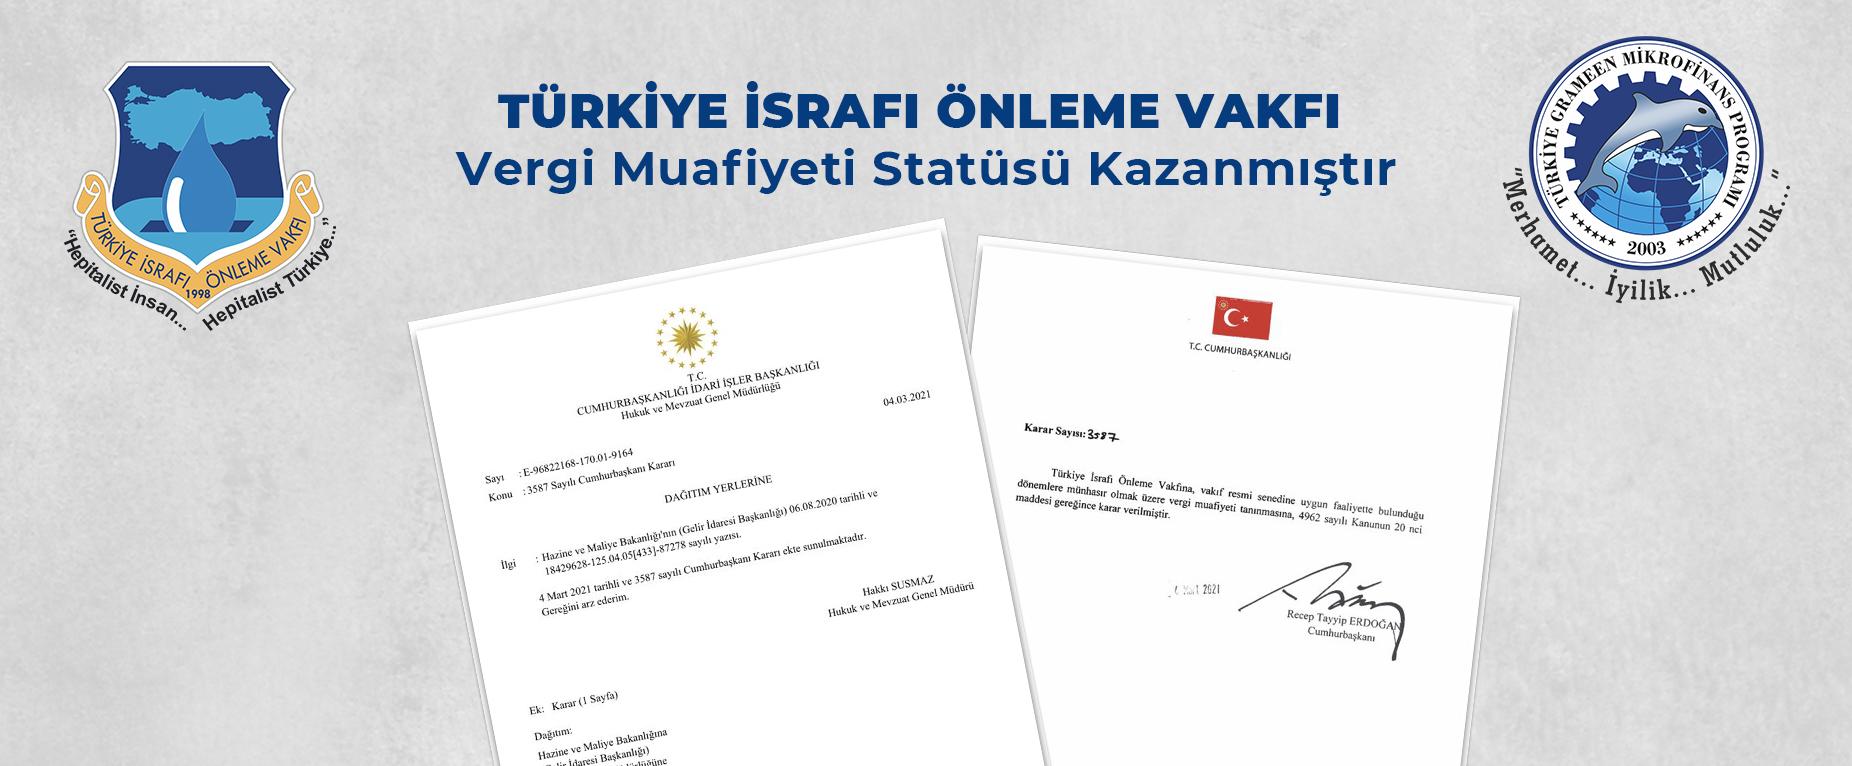 TÜRKİYE İSRAFI ÖNLEME VAKFI Vergi Muafiyeti Statüsü Kazanmıştır